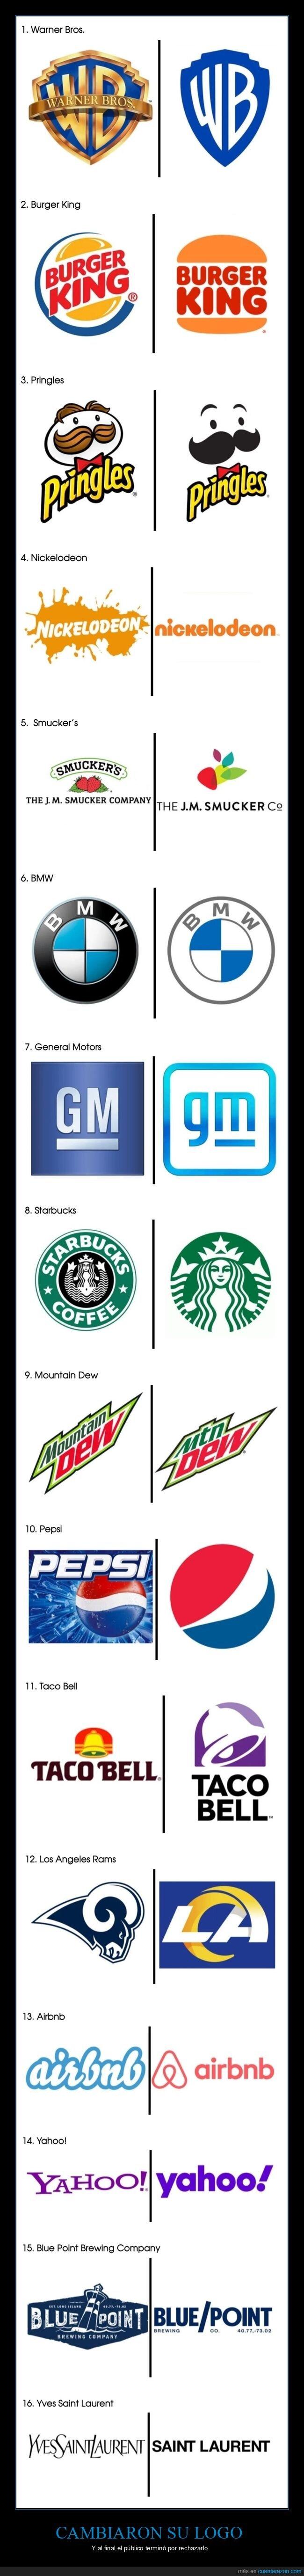 empresas,logos,rechazar